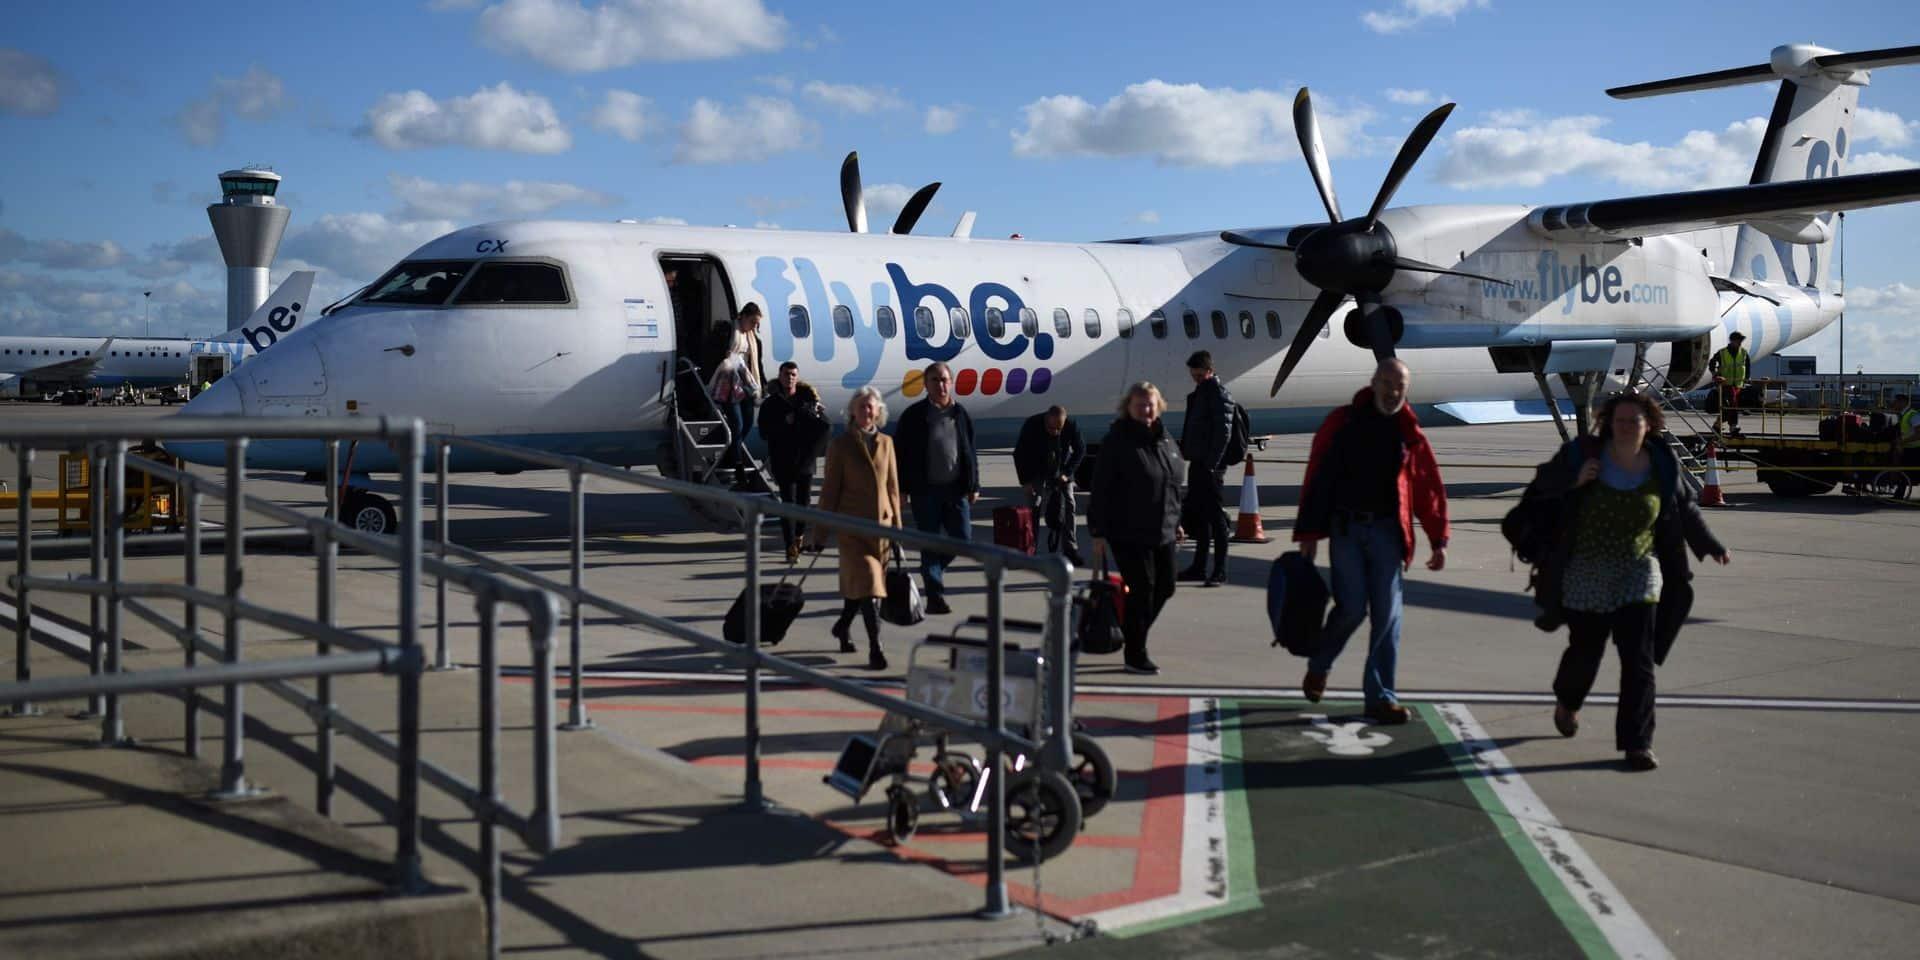 Coronavirus et manque de liquidités: la compagnie aérienne britannique Flybe jette l'éponge